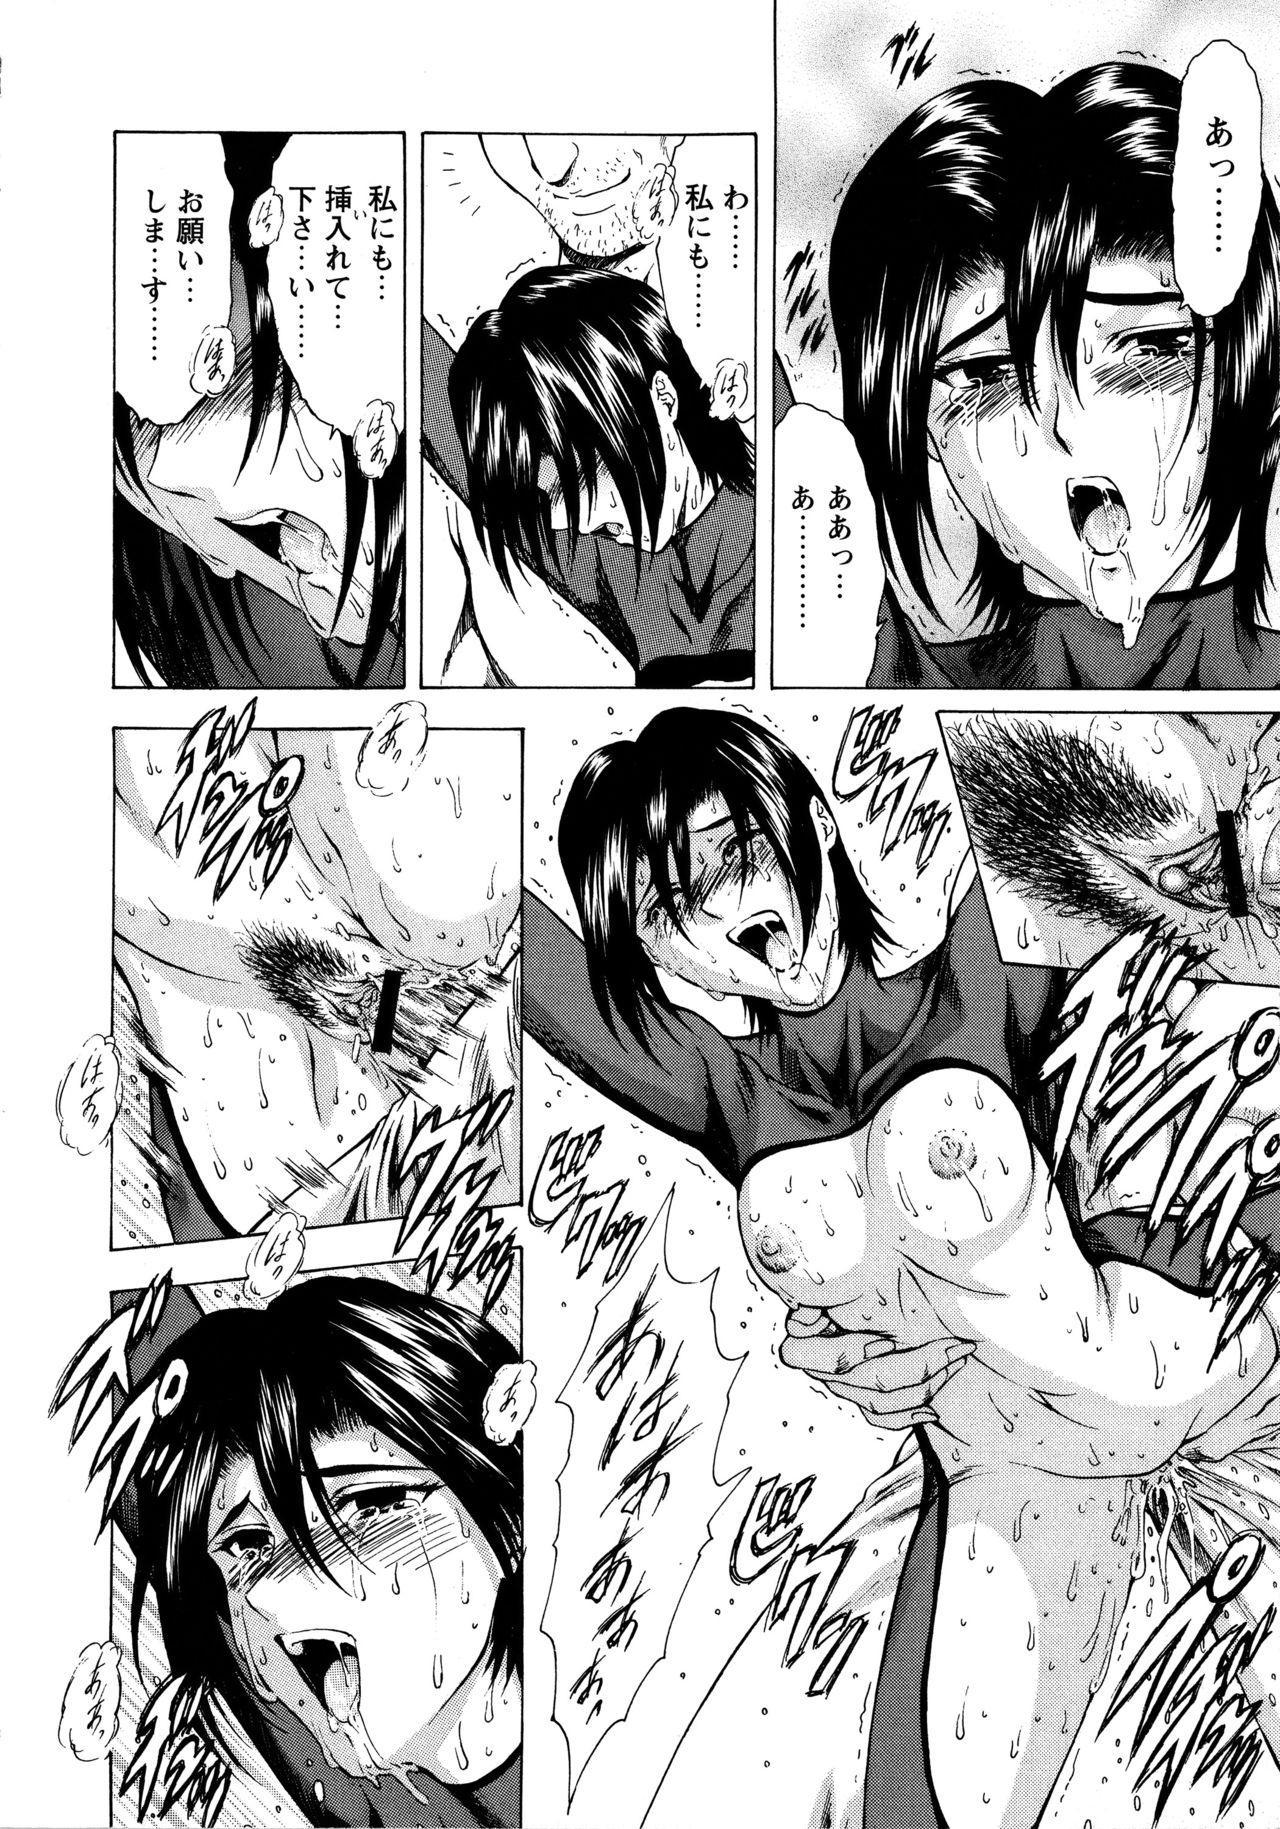 Ginryuu no Reimei Vol. 1 149